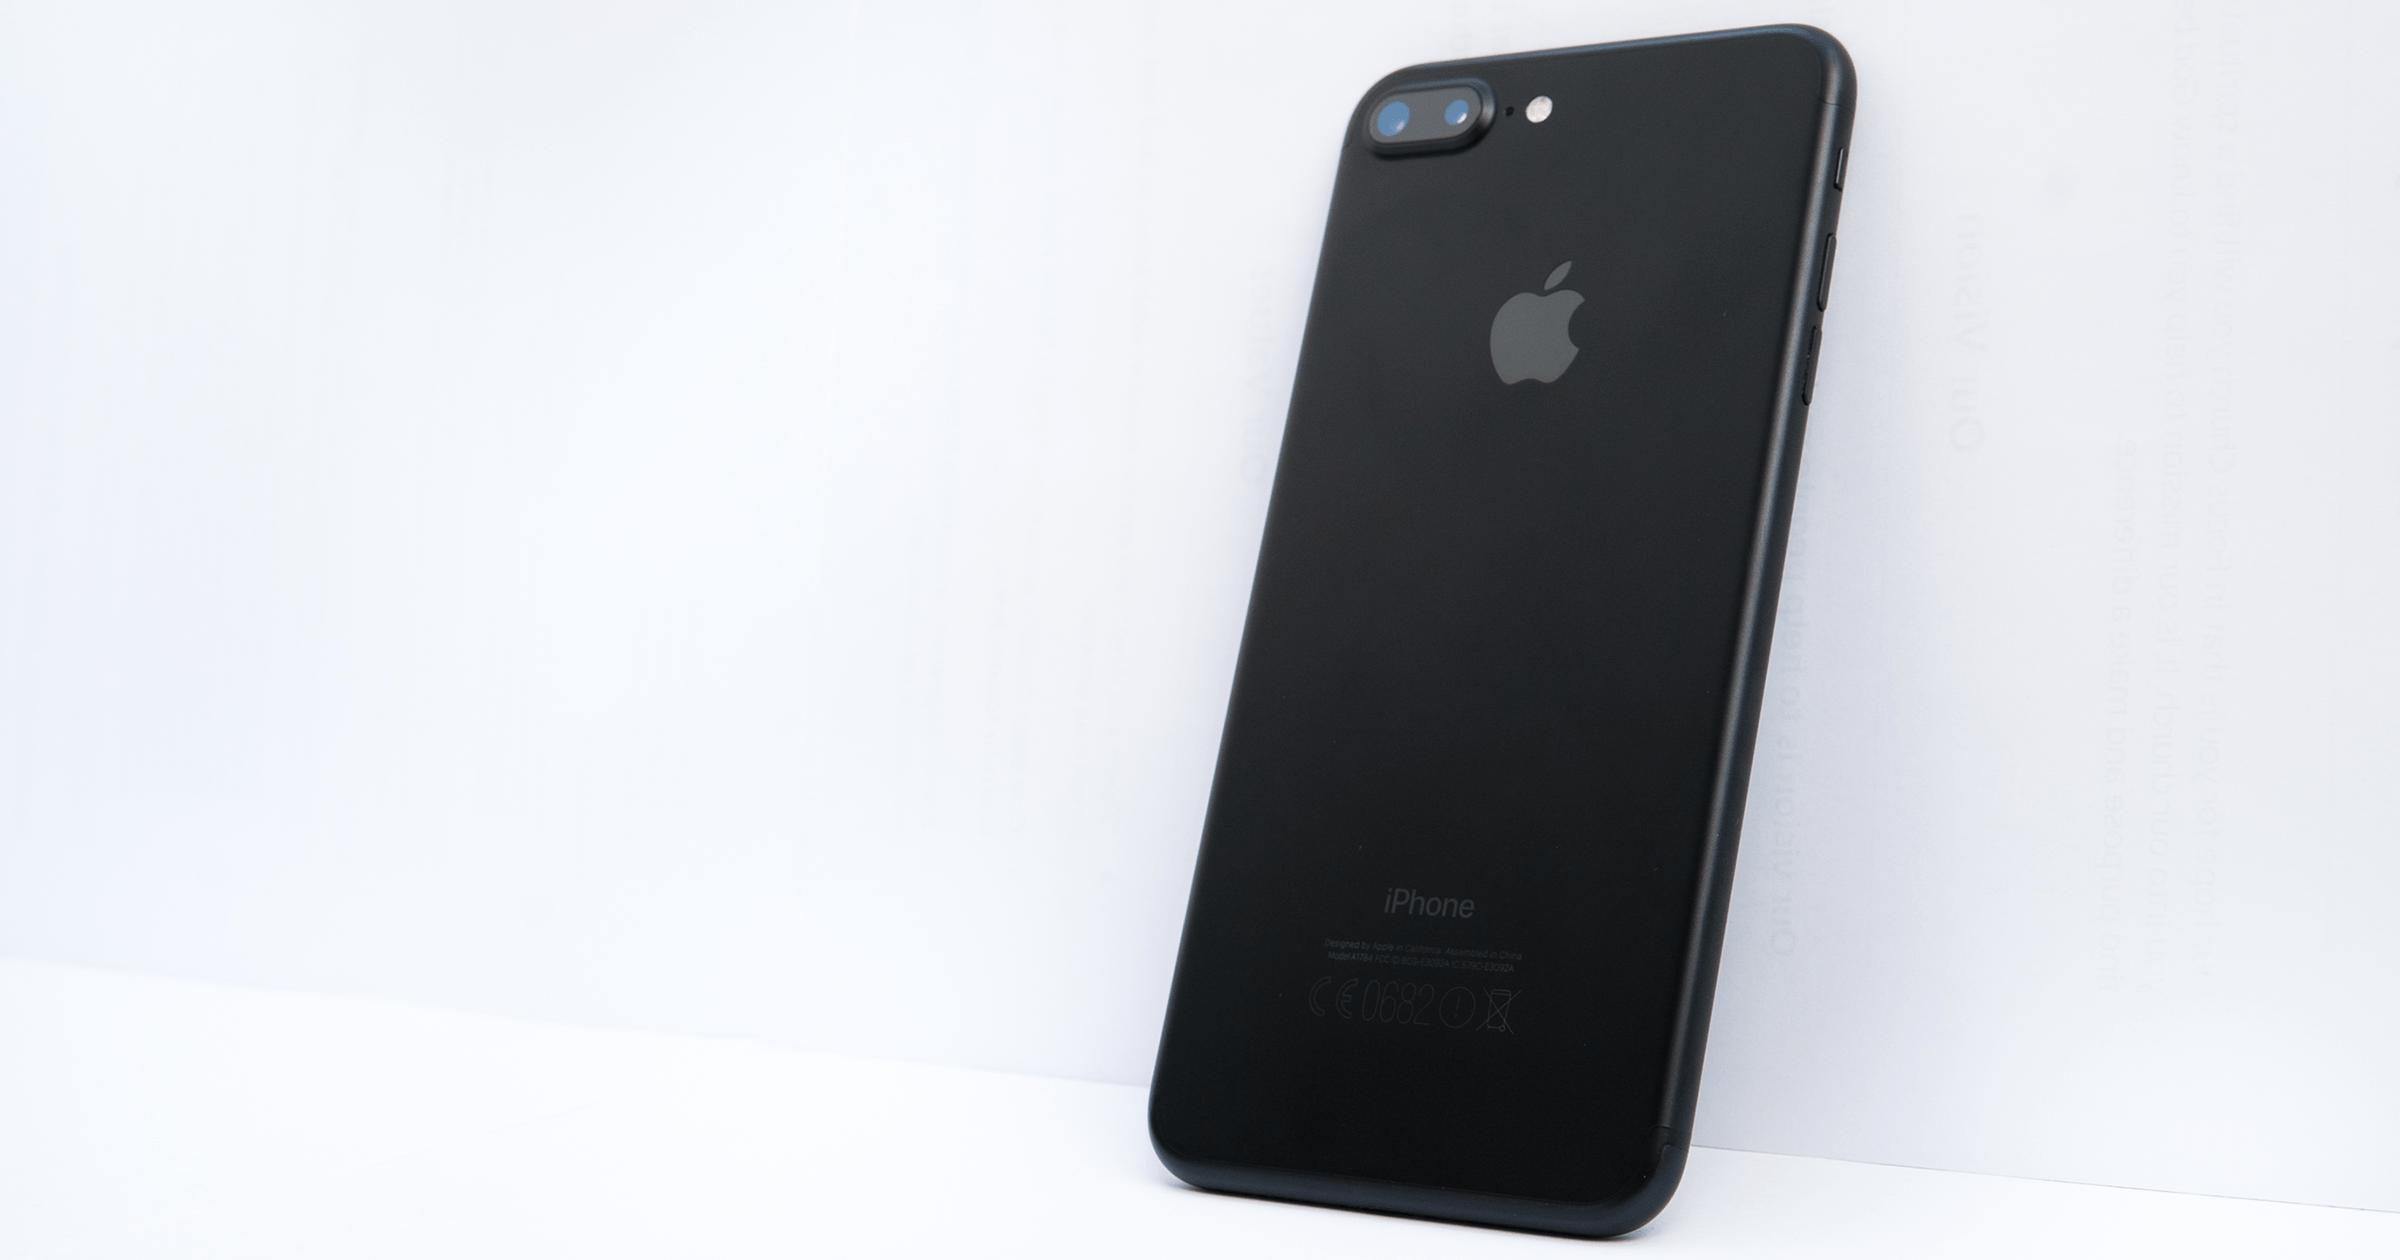 mobipunkt, iphone, kasutatud iphone, iphone garantii, vana seade uueks, iphone müük,  kasutatud apple seade